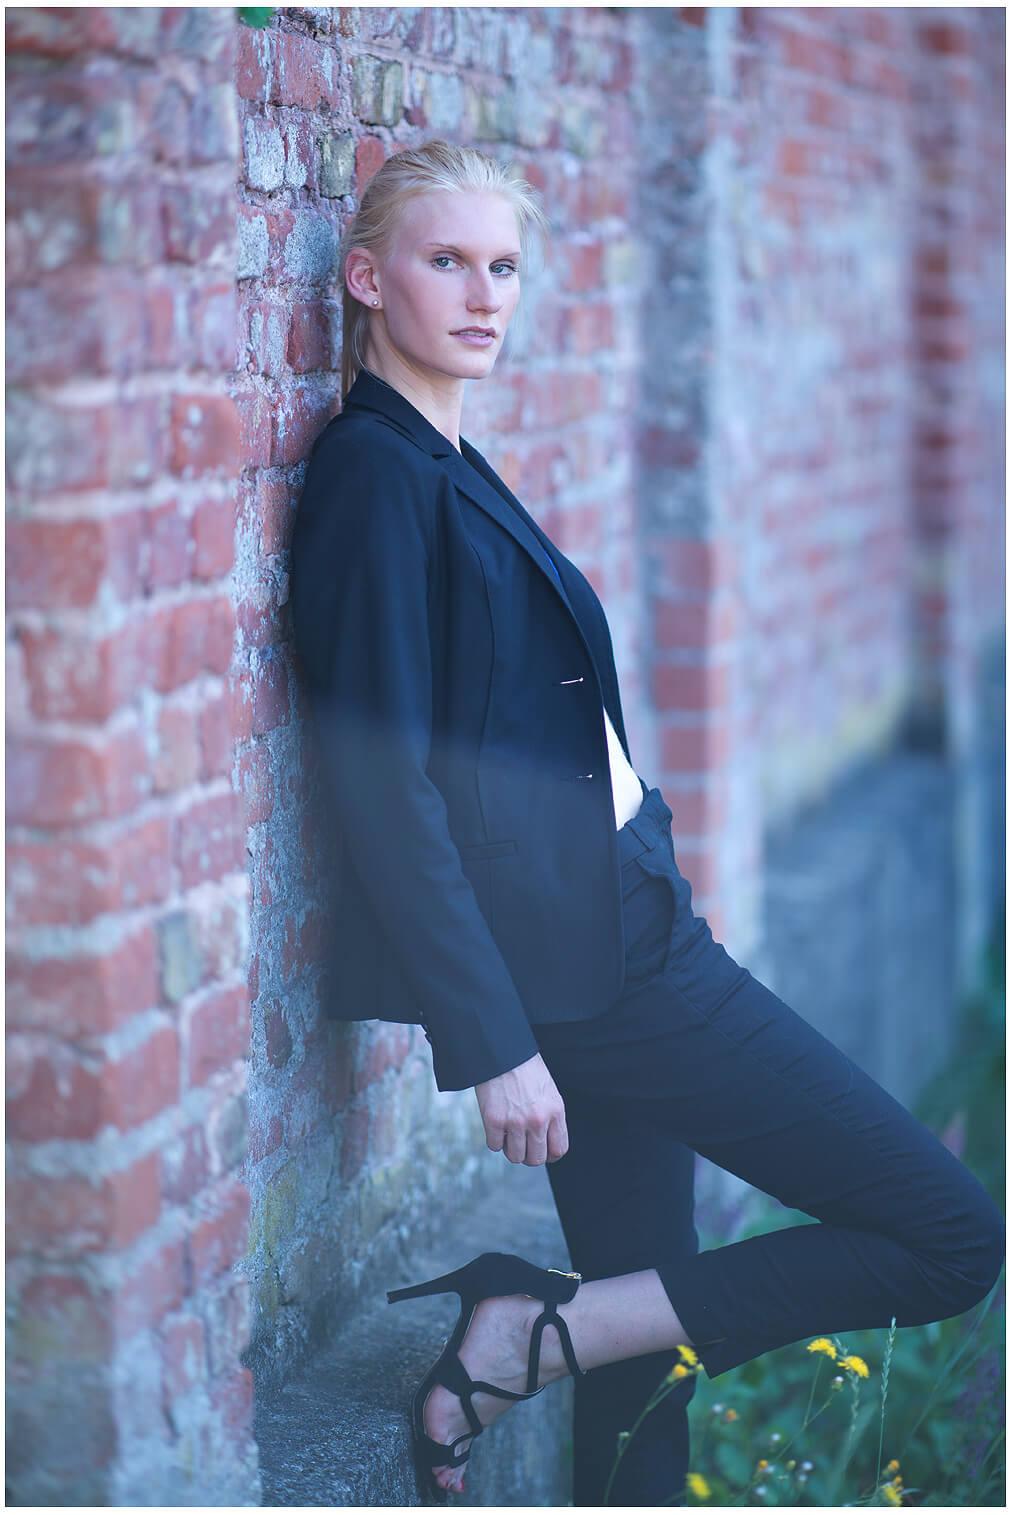 Businessfotografie Businessportrait München Junge Frau Sexy an der Wand angelehnt